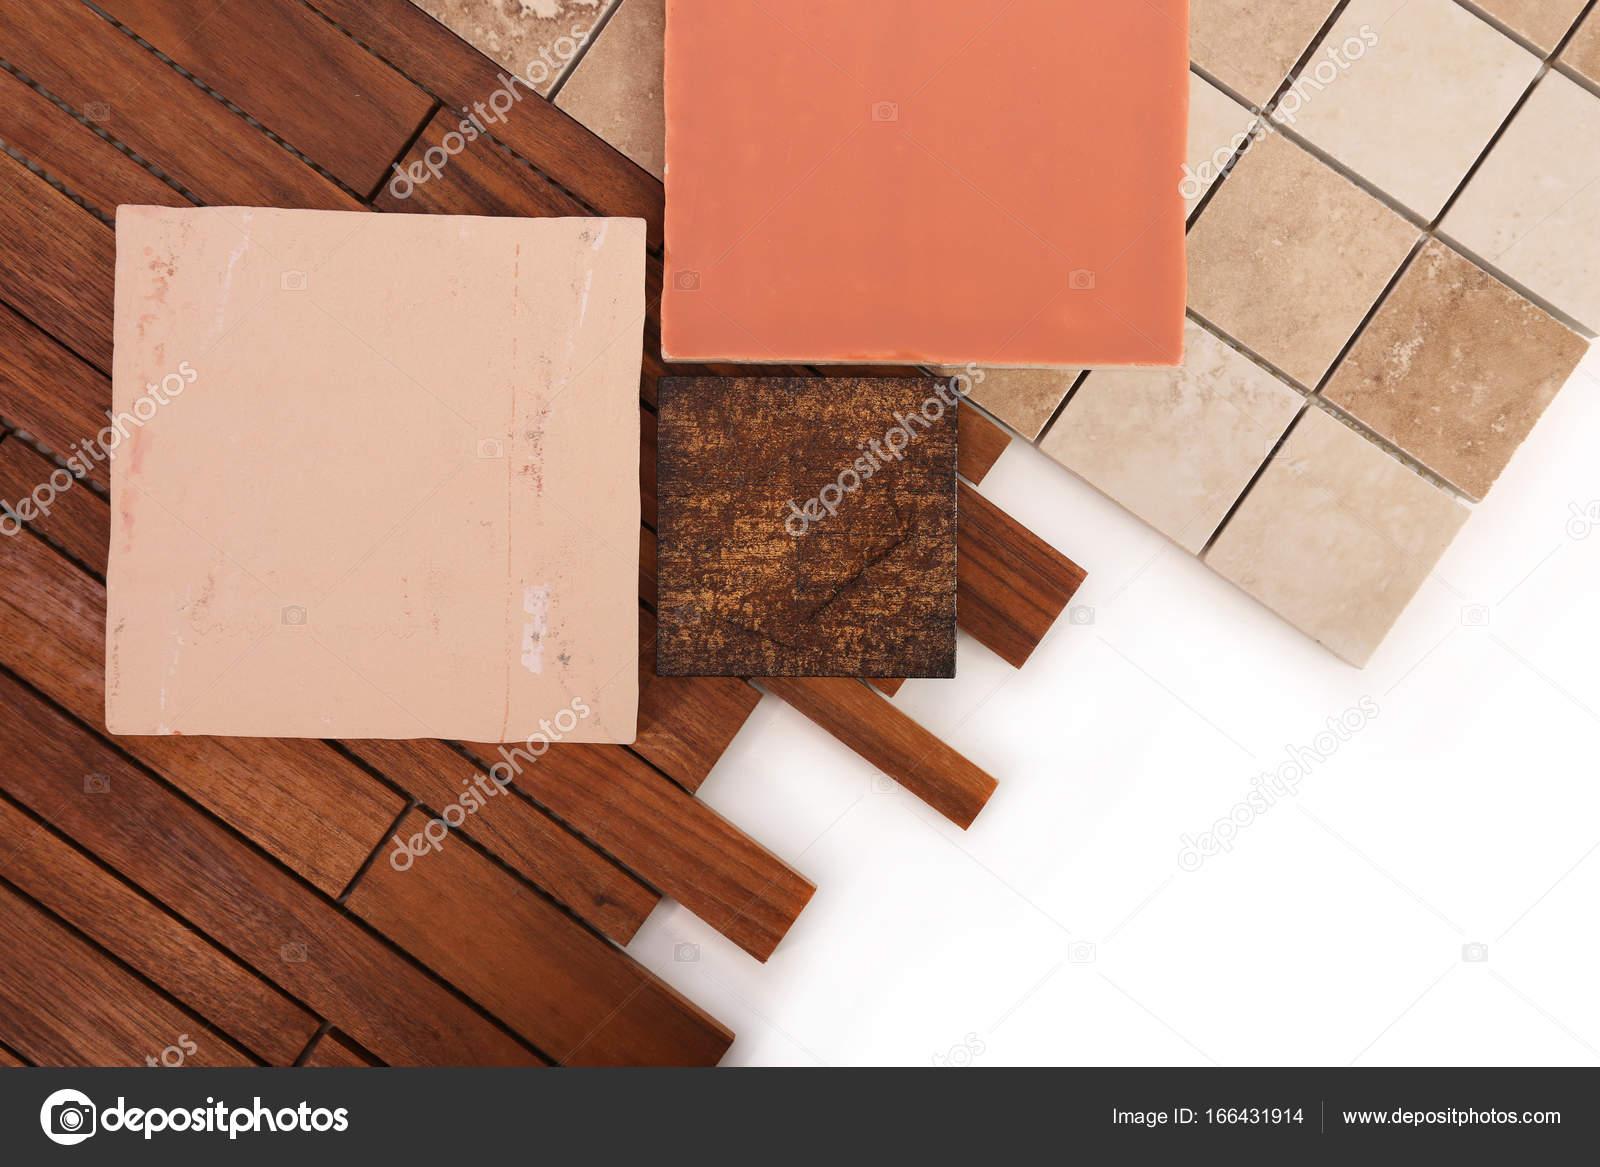 Piastrelle per la decorazione interna della casa u foto stock